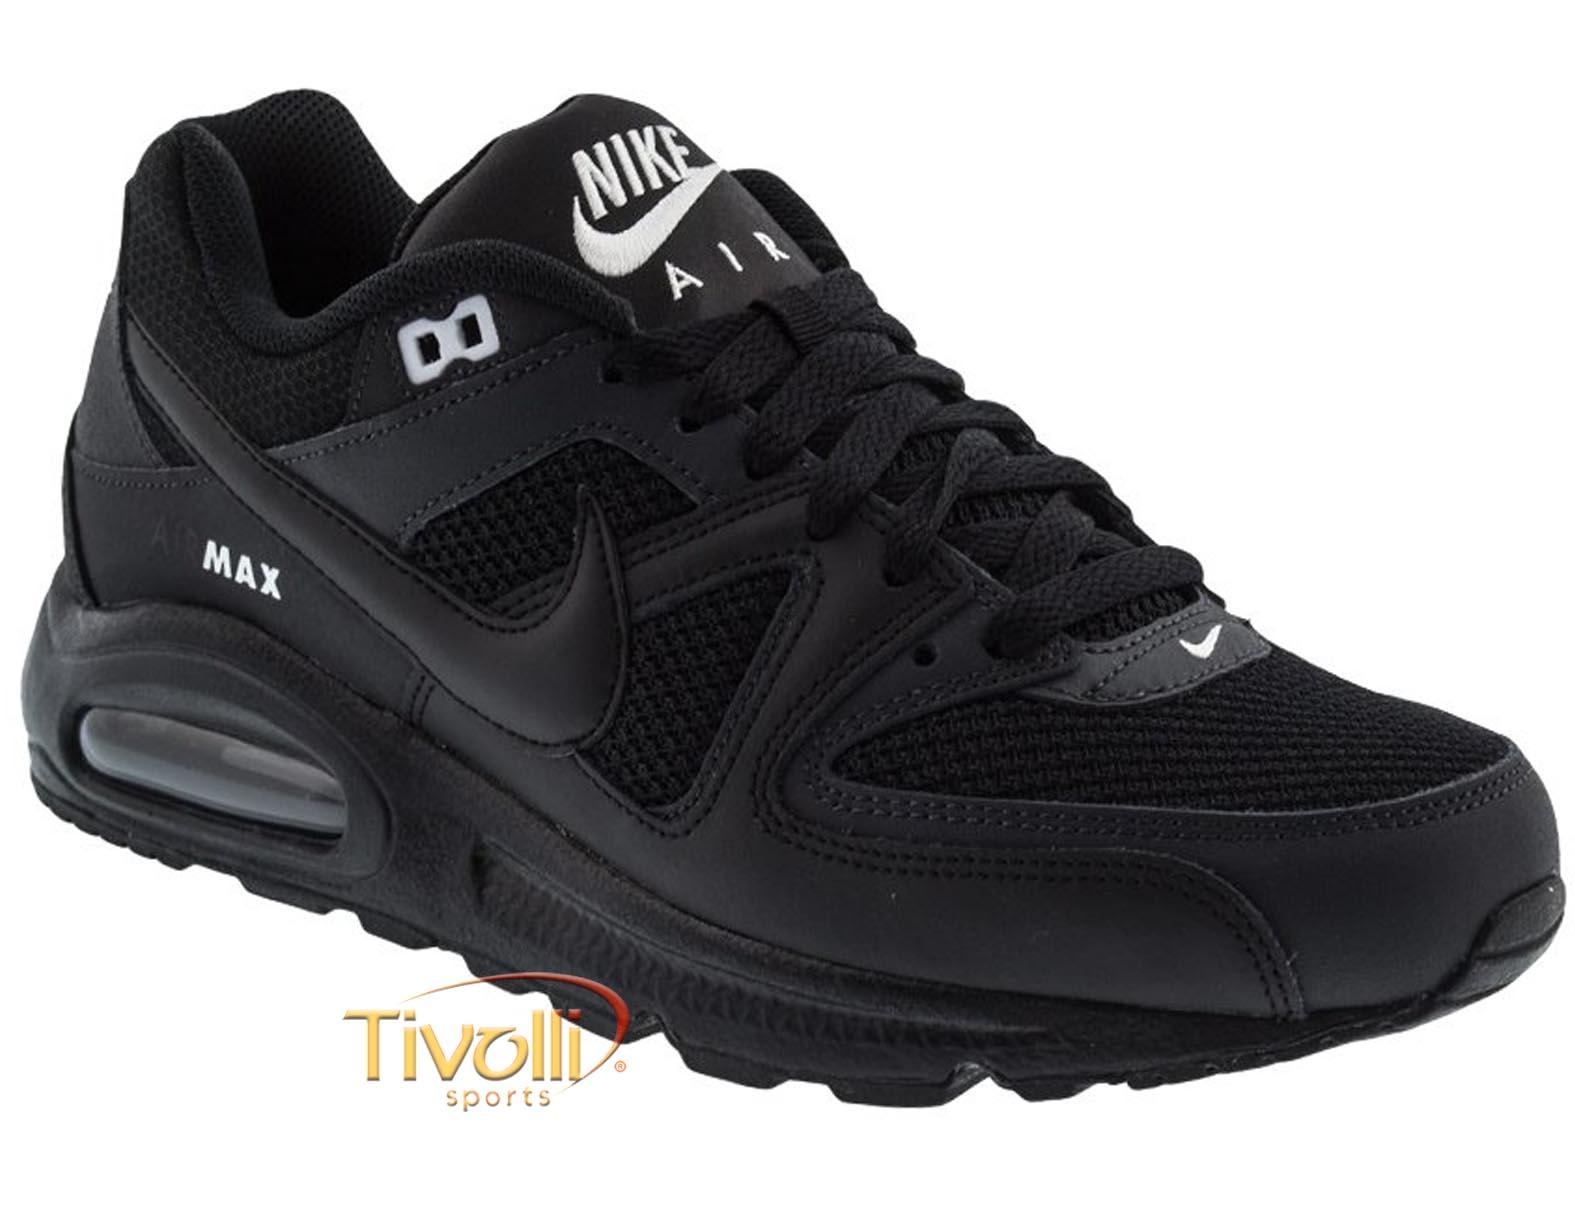 d94c0eefde Tênis Nike Air Max Command   Preto